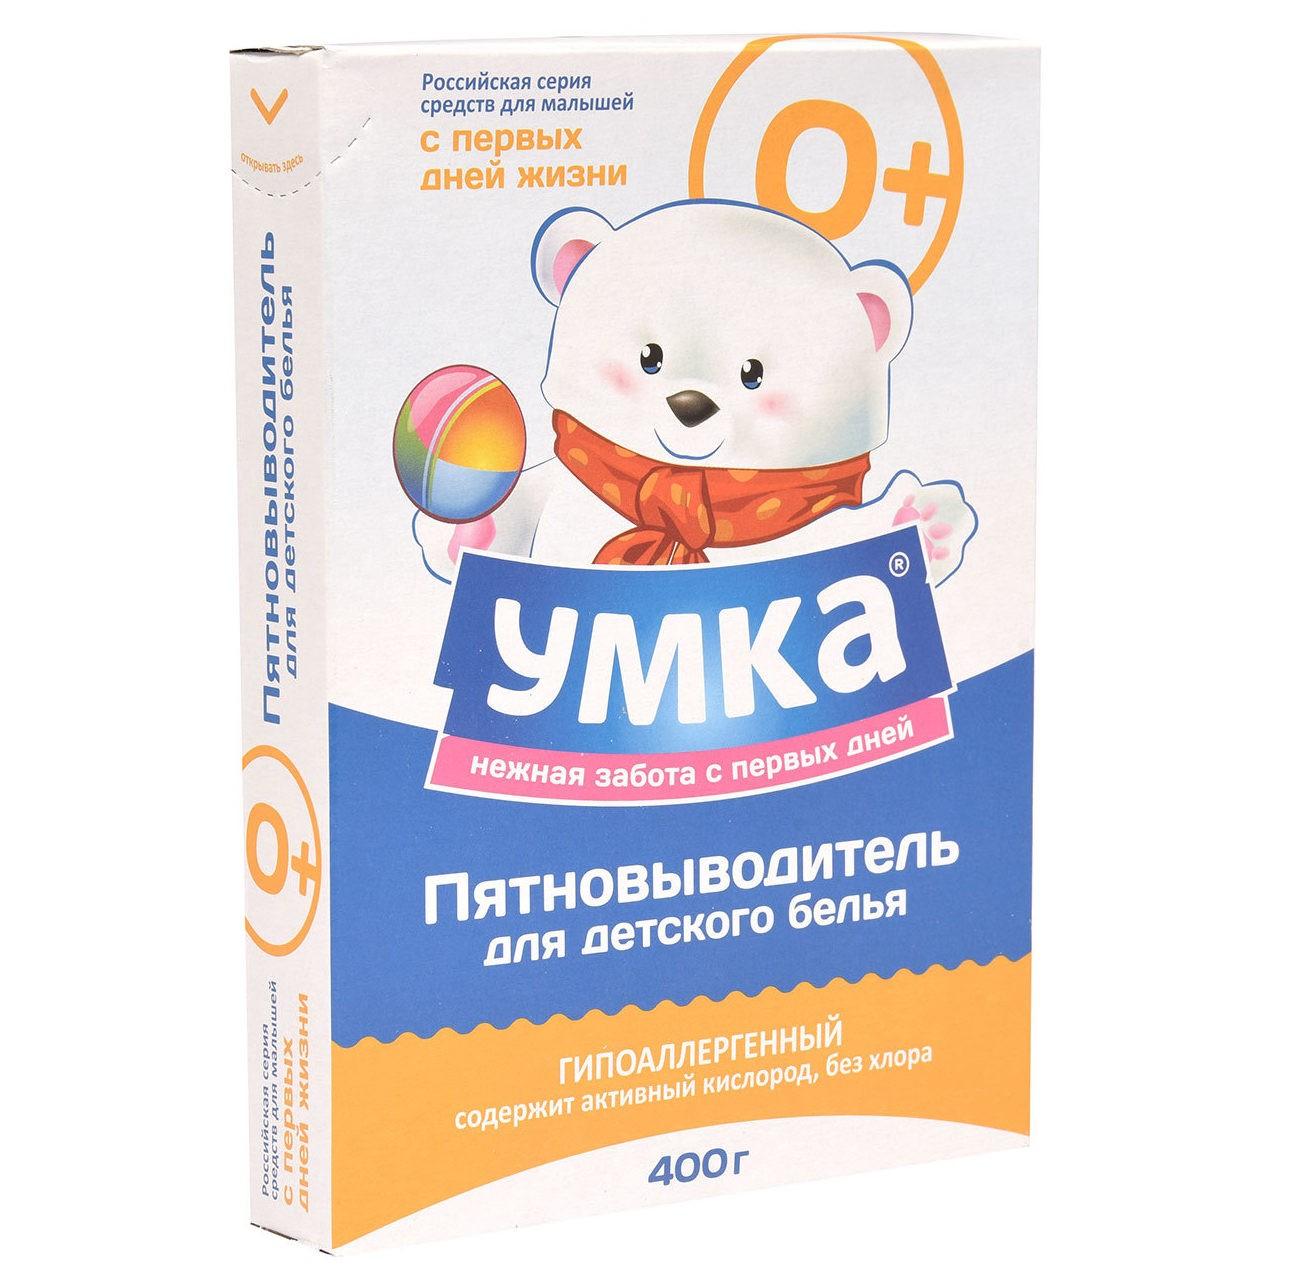 luchshij-pyatnovyvoditel_ (9)